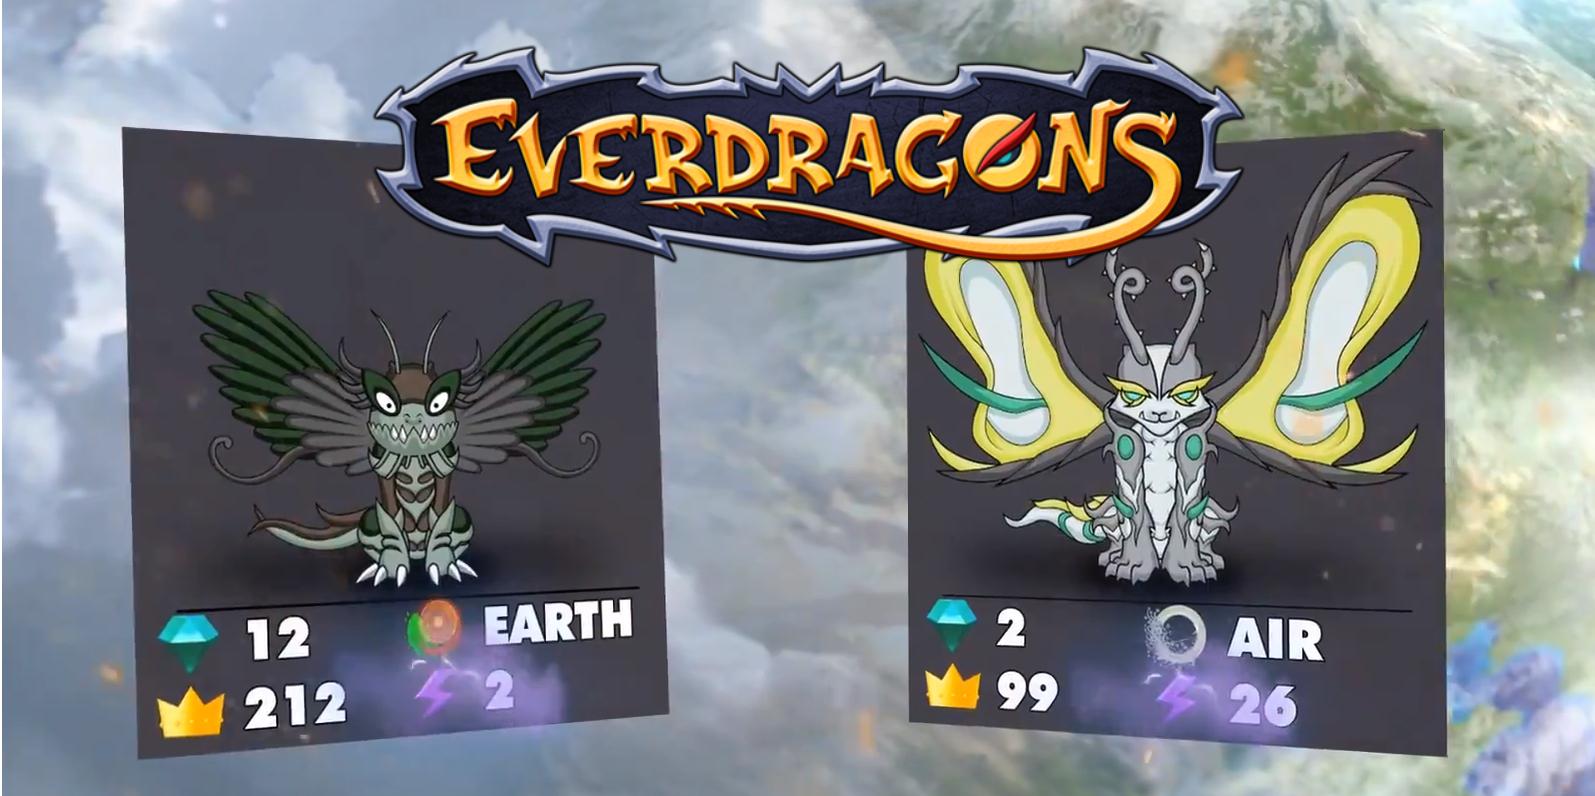 エバードラゴン EVERDRAGONS レース 参加方法 遊び方 ベット